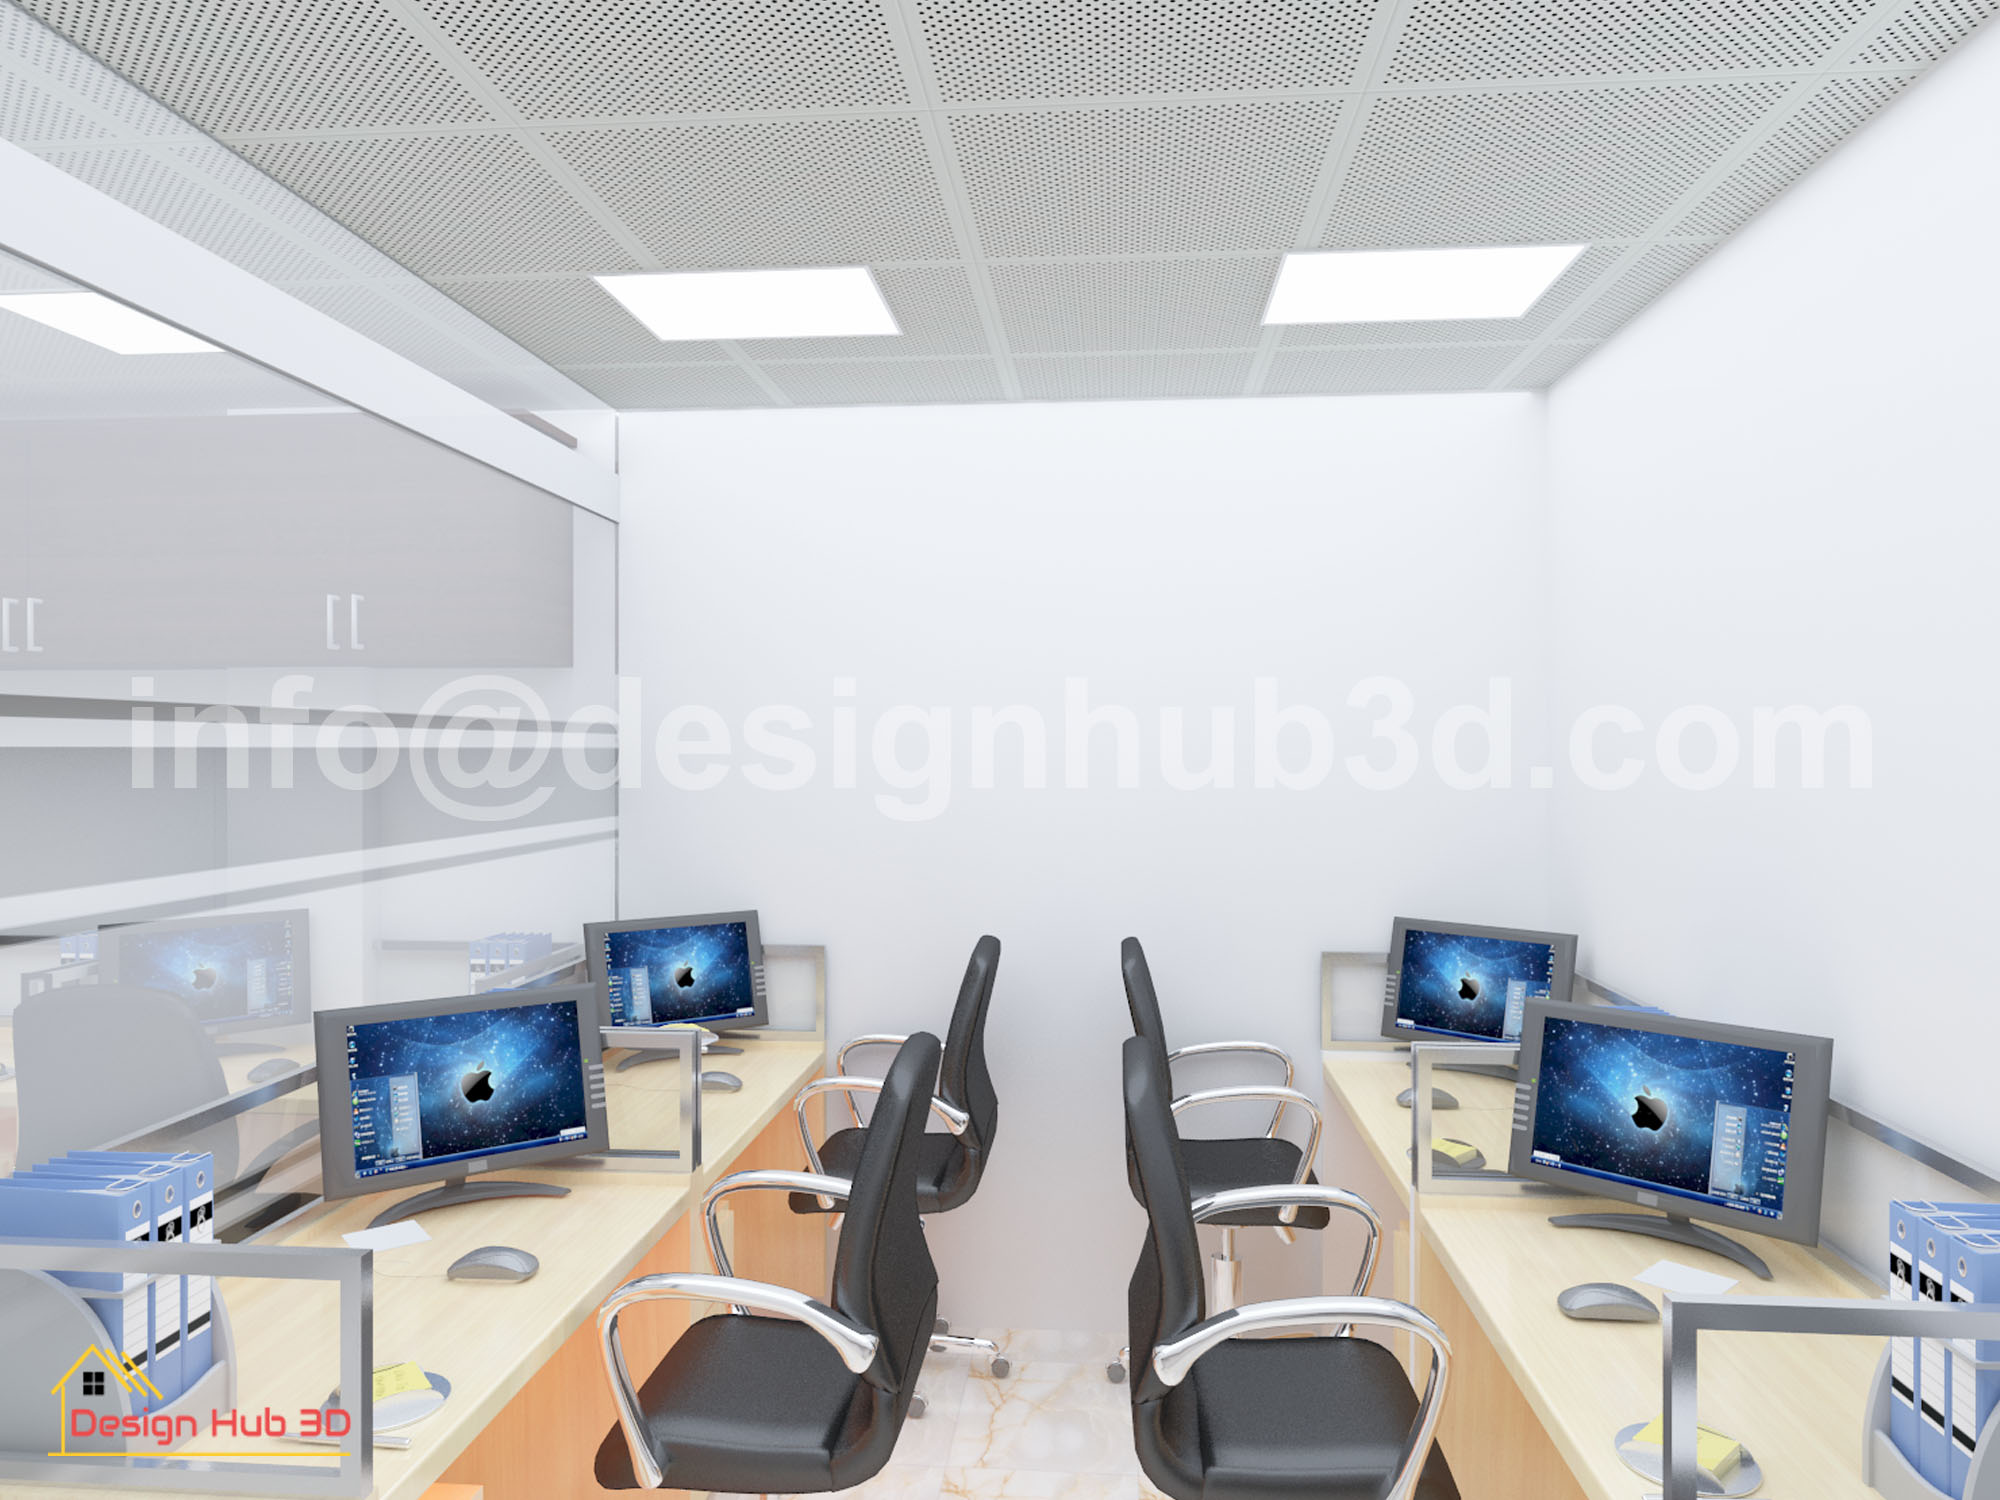 DesignHub 3D